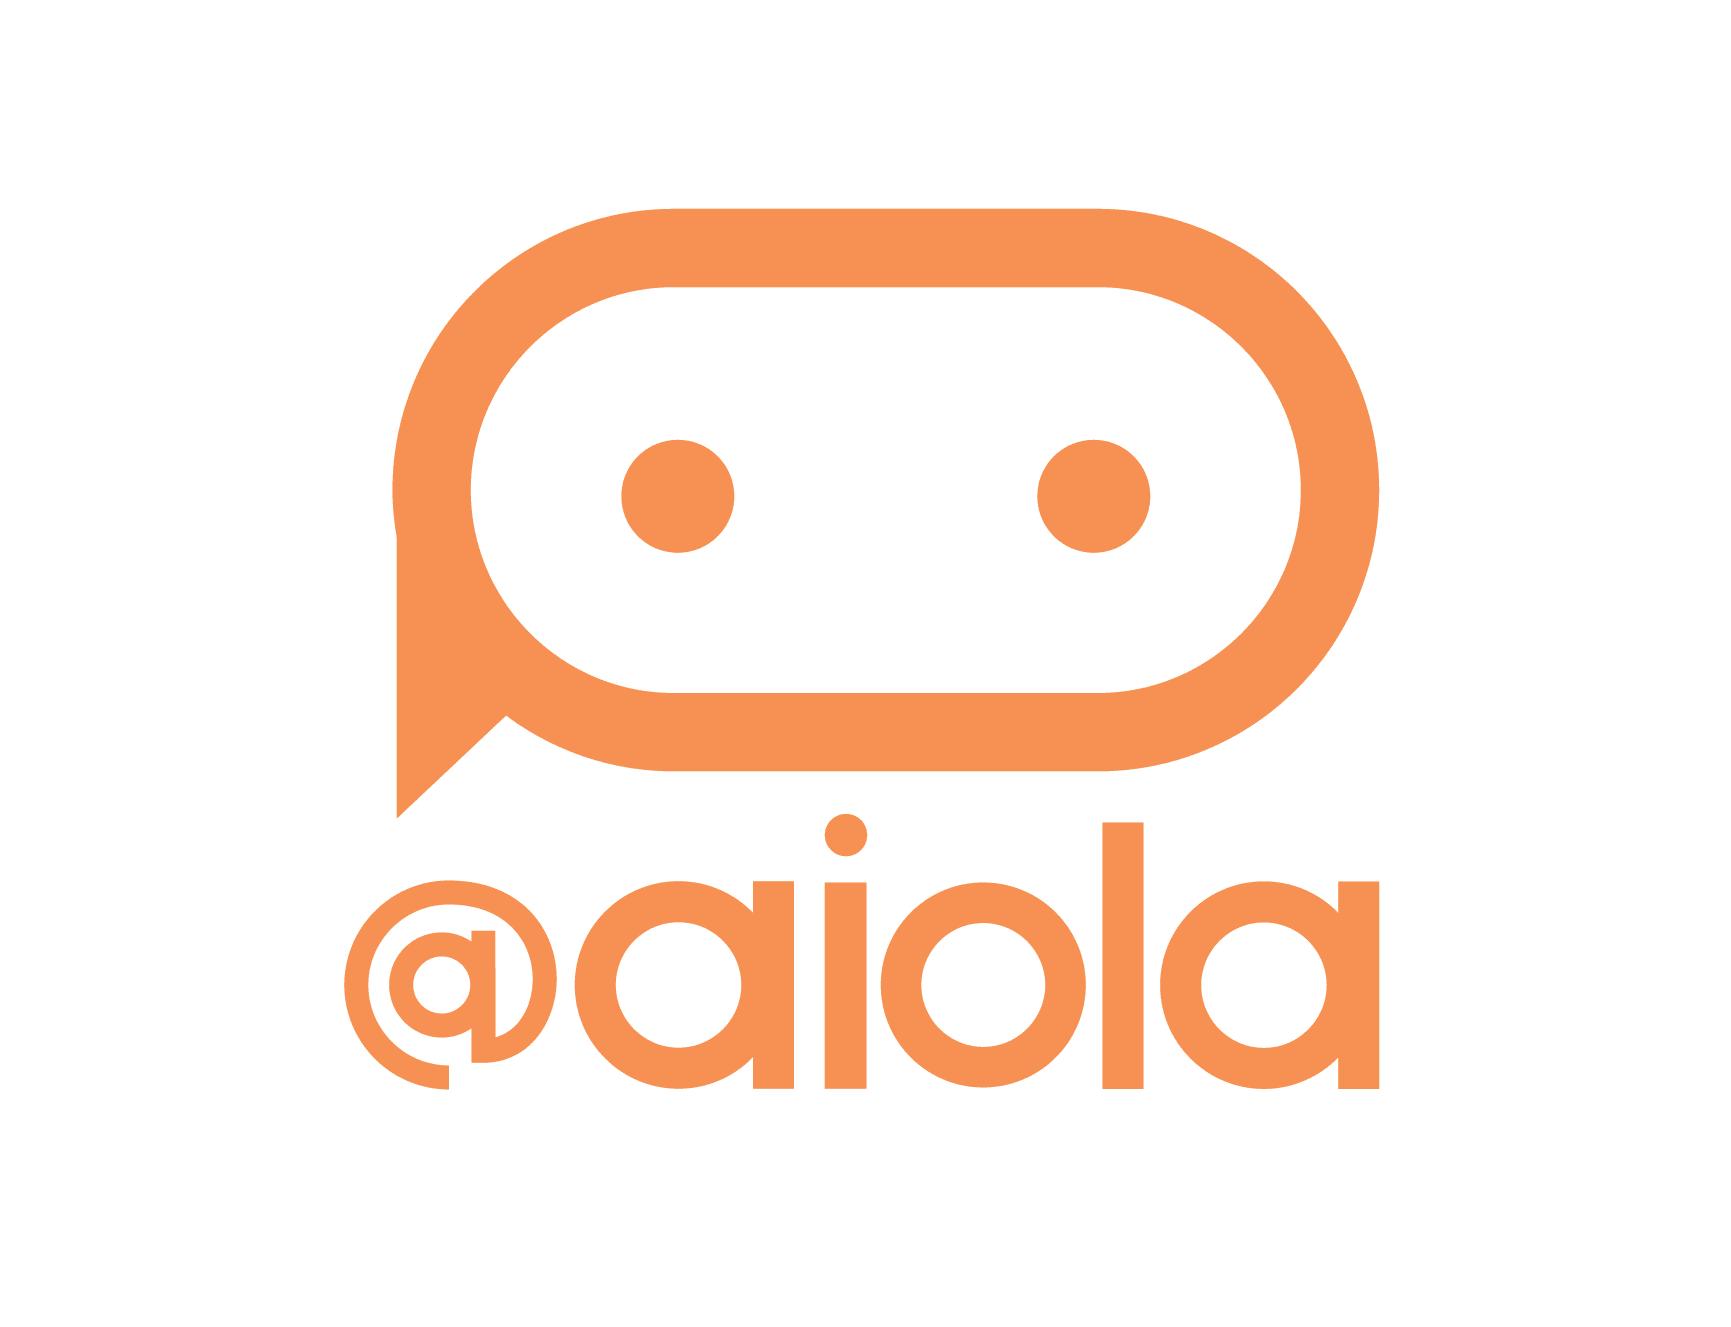 Aiola icon